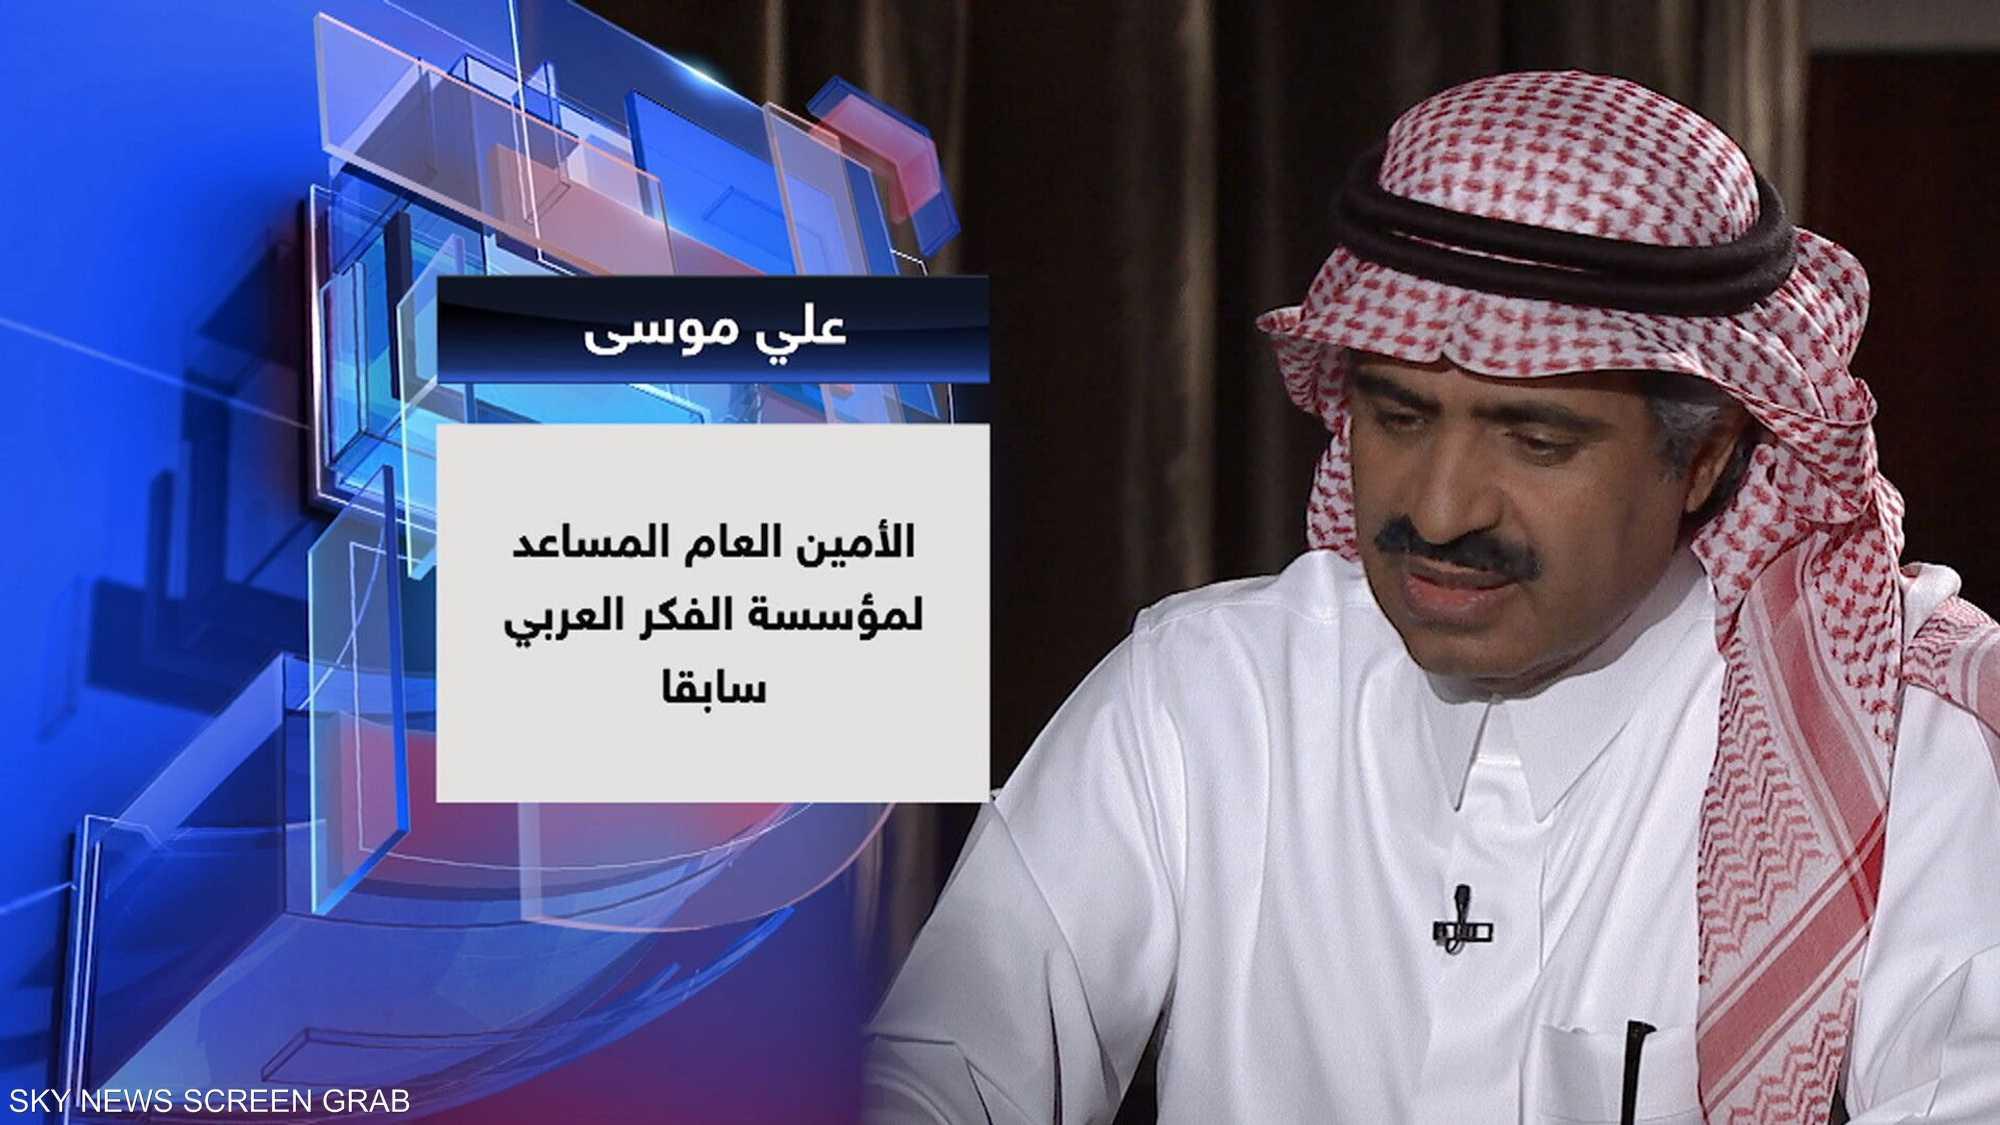 الأمين العام للمجلس الدولي للغة العربية علي موسى